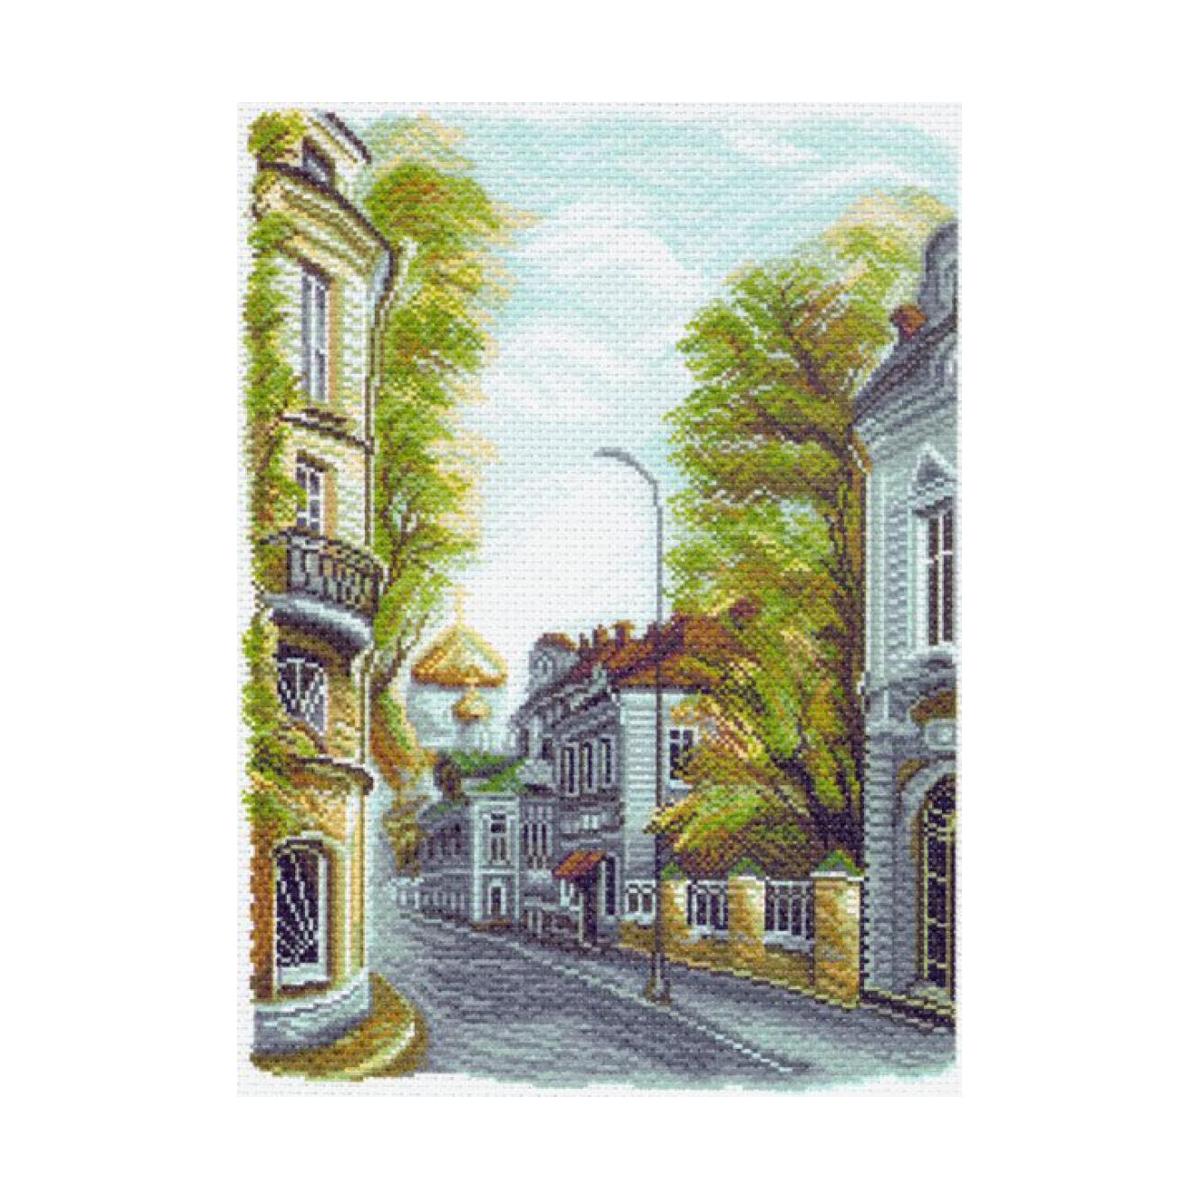 Канва с рисунком Матренин Посад Гагаринский переулок, 33 см х 45 см. 1509488655Размер: 33x45 см Рисунок полностью напечатан на канве. Указана цветовая карта ниток. Вышивать рекомендуется мулине в 3 сложения.